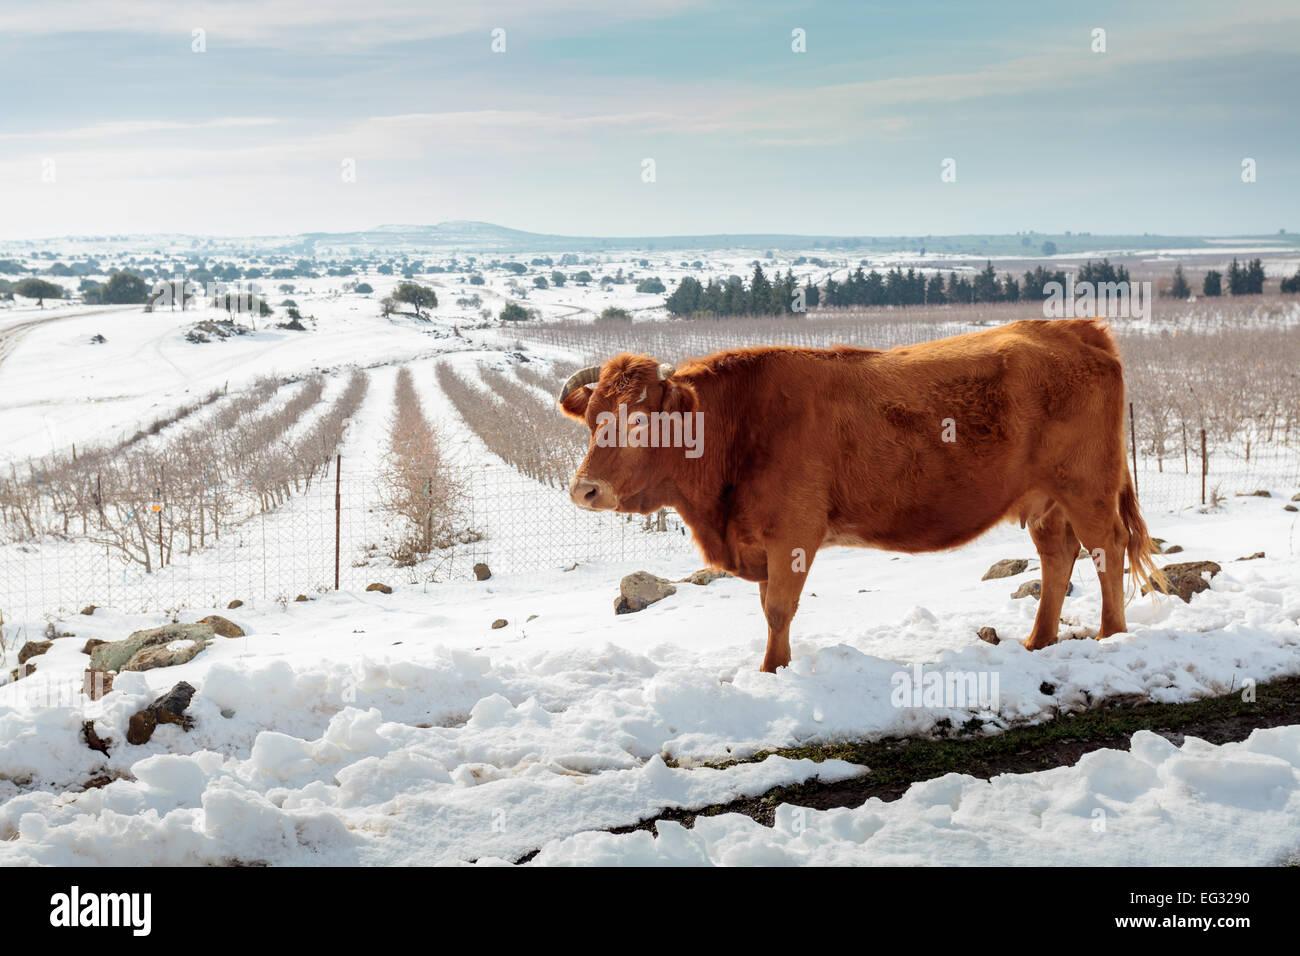 Las vacas en Snowscape. Fotografiado en el Golán, Israel Imagen De Stock